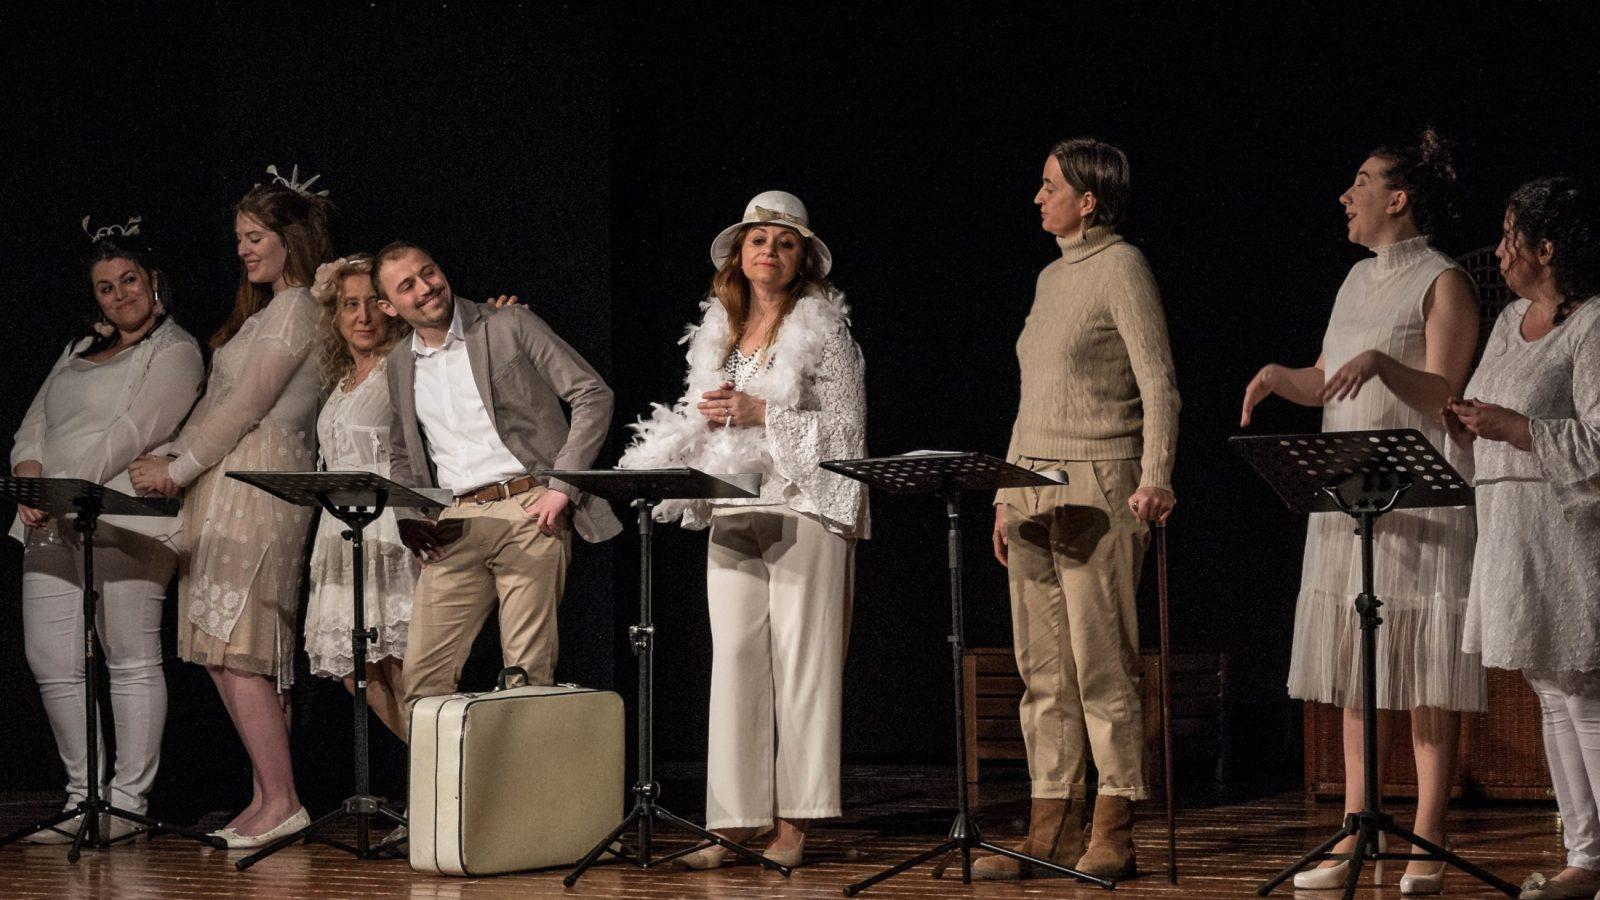 Le Acque compagnia teatrale - quarto anno